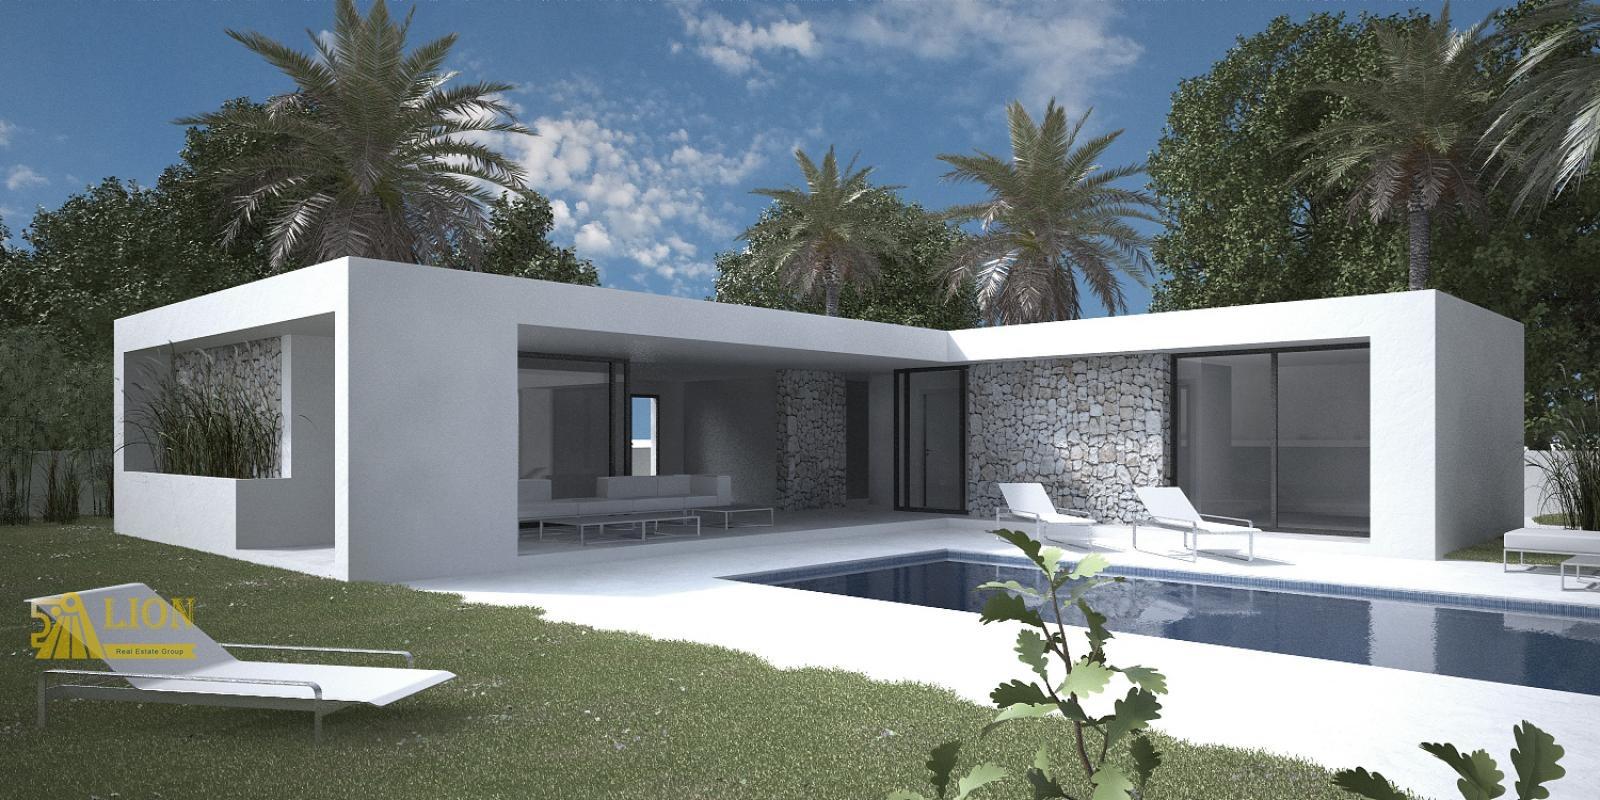 L0300 speciale aanbieding nieuw te bouwen moderne gelijkvloerse design villa in muchamiel - Zeer moderne woning ...